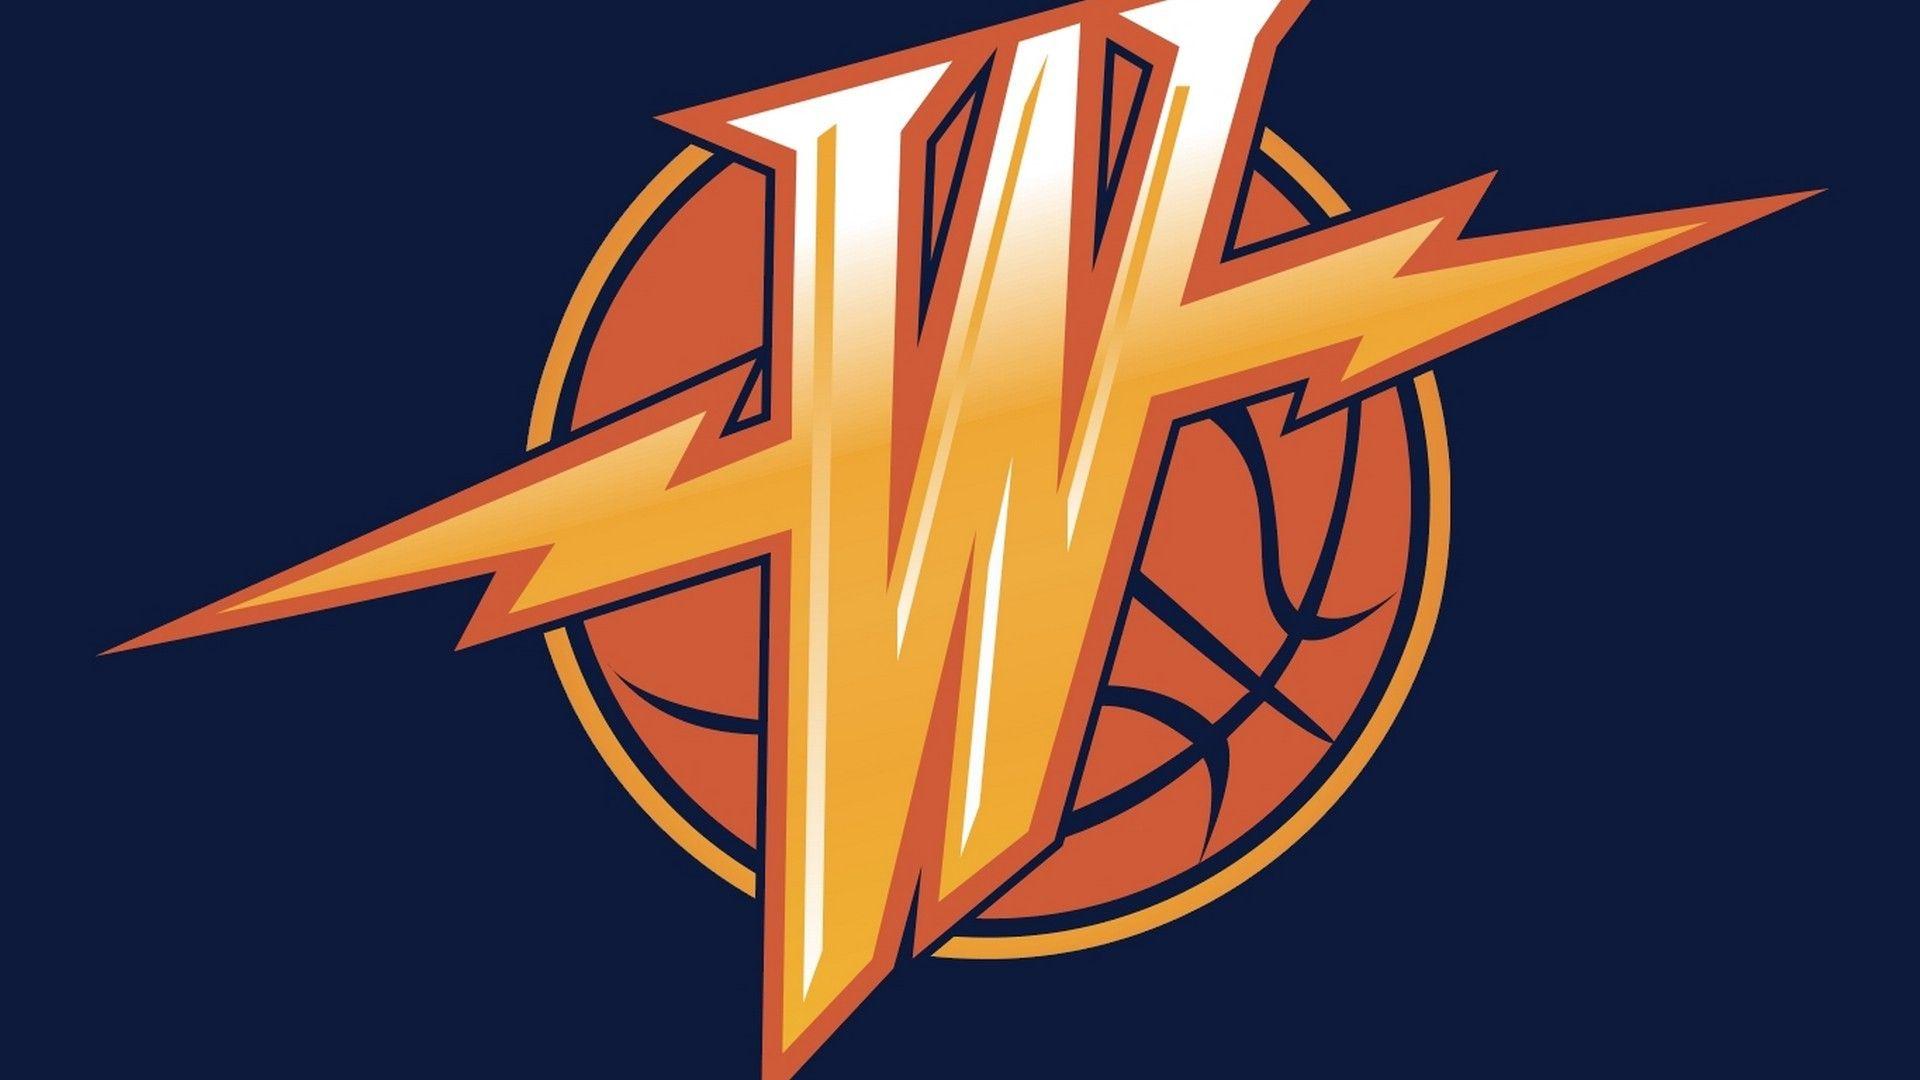 Warriors Wallpaper 2021 Basketball Wallpaper Golden State Warriors Wallpaper Warriors Wallpaper Golden State Warriors Basketball